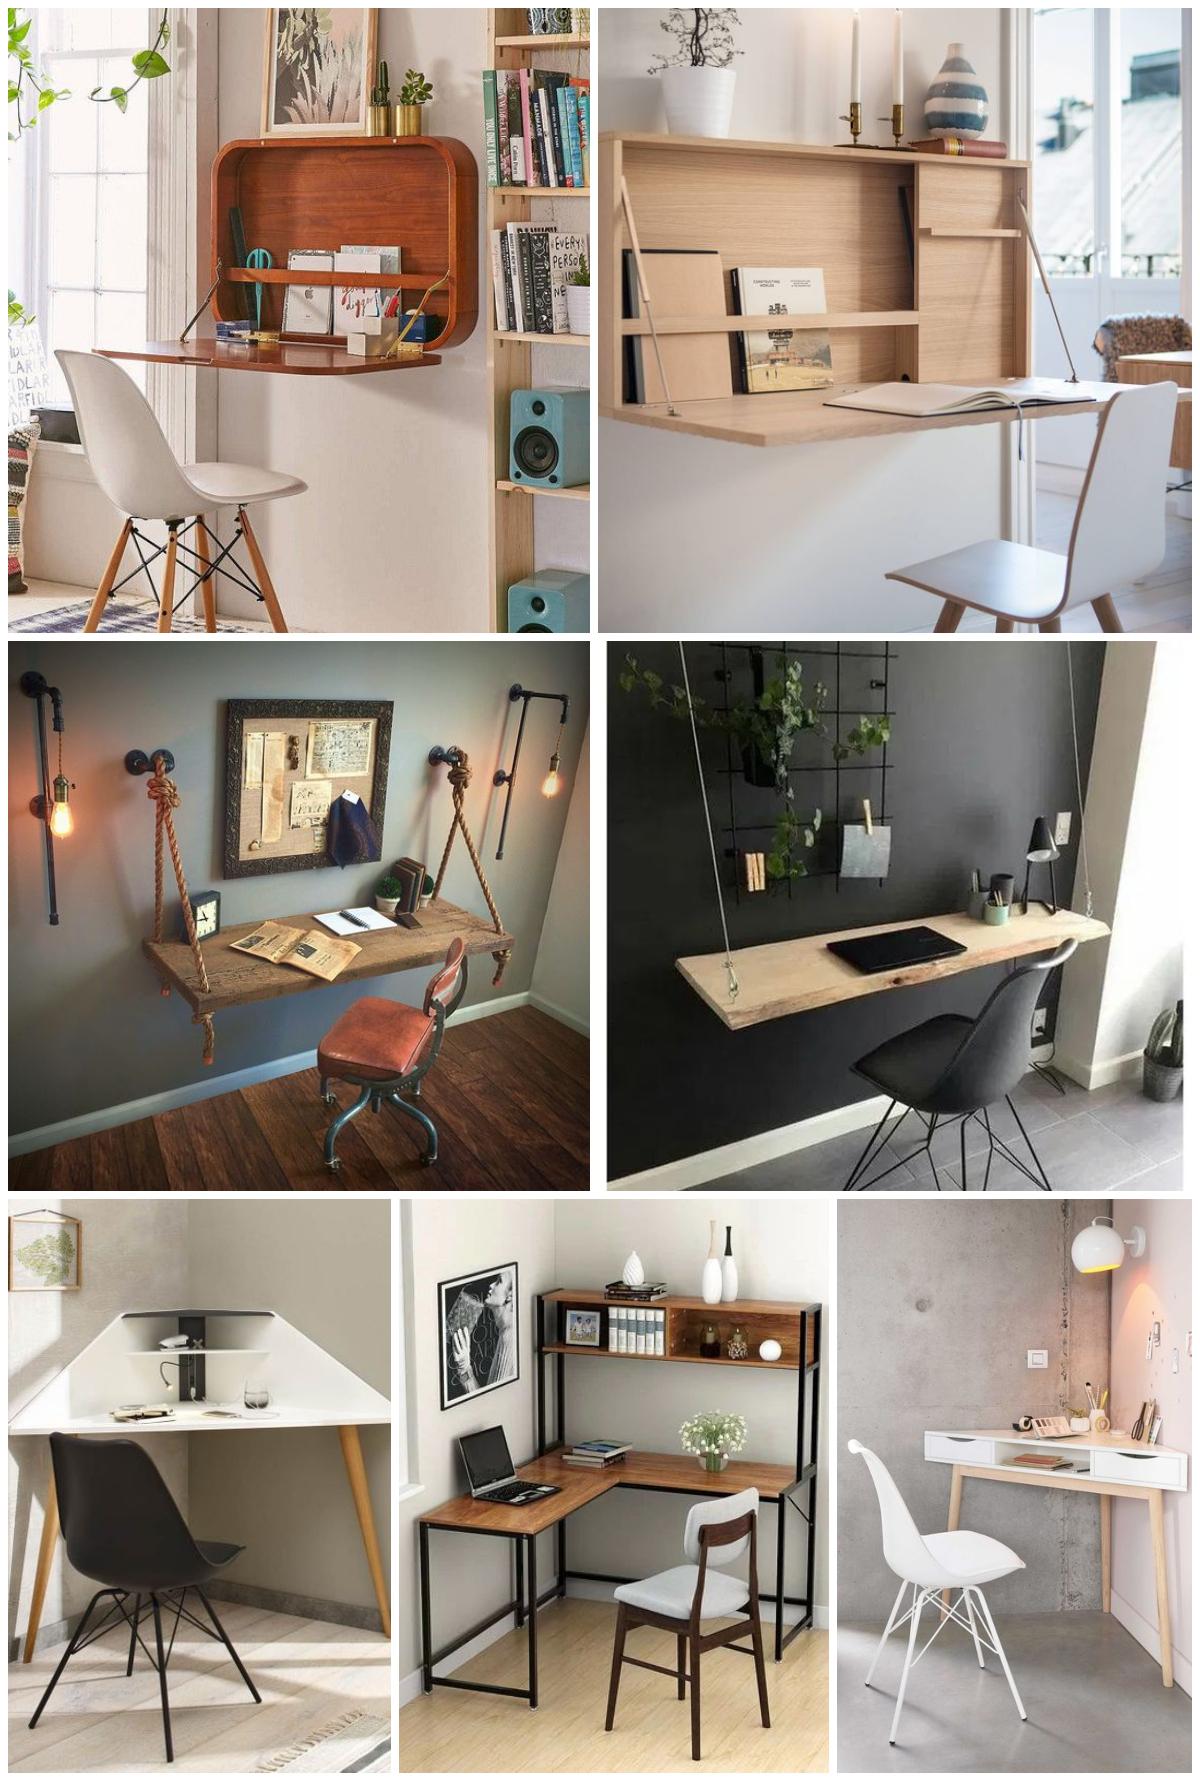 home_office_dolgozoszoba_iroasztal_lakberendezes_dolgozo_sarok_design_stilus_otthon_3.jpg